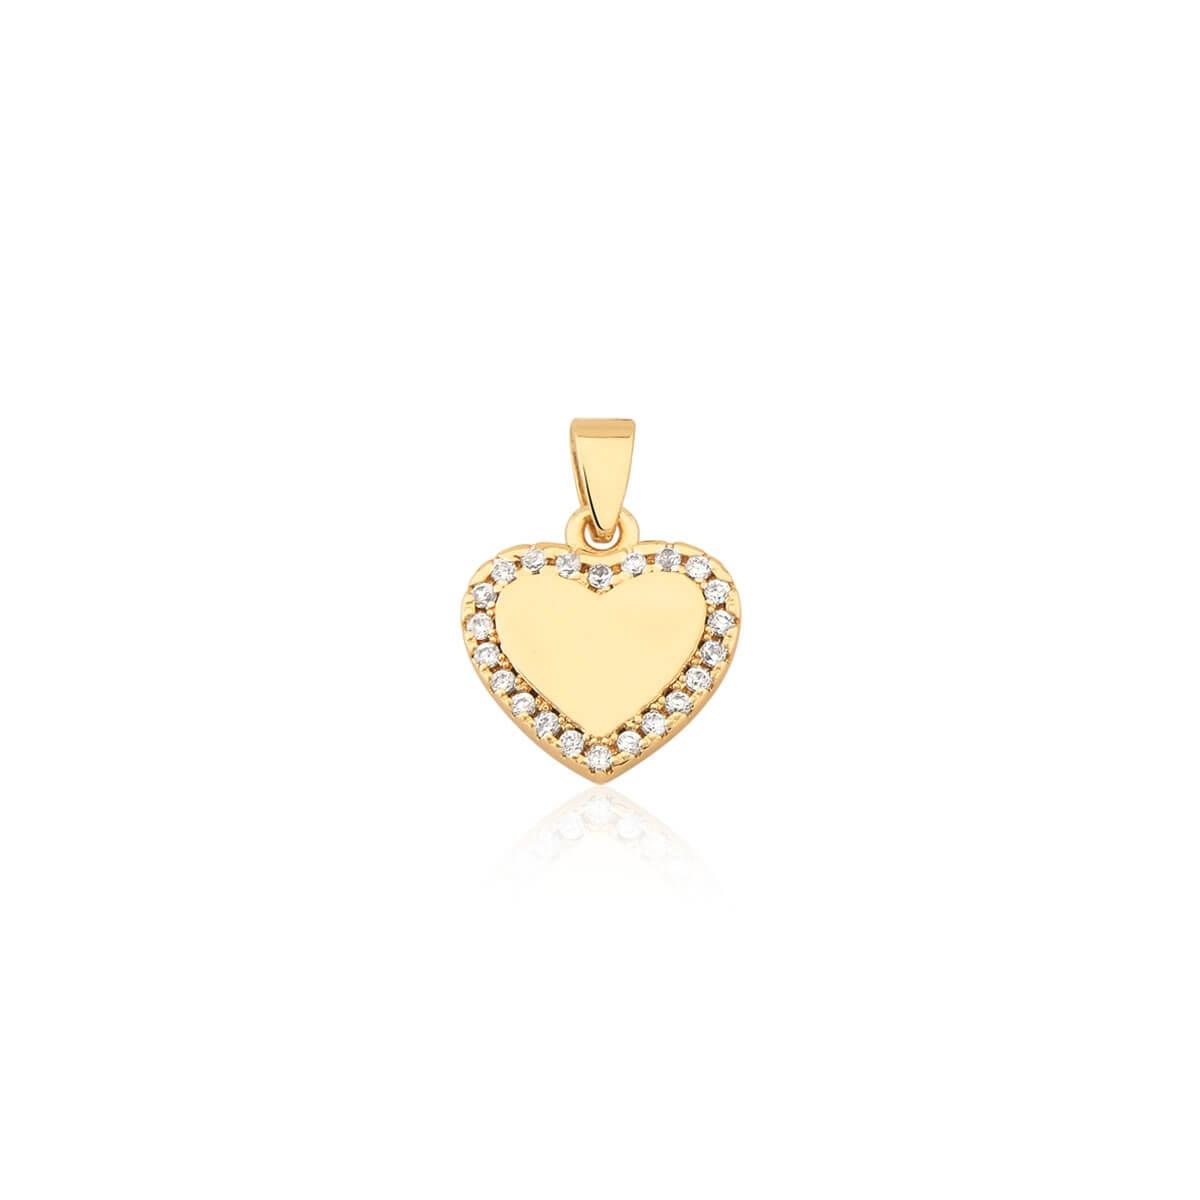 Pingente de Coração Liso com zircônias banhado em ouro 18k